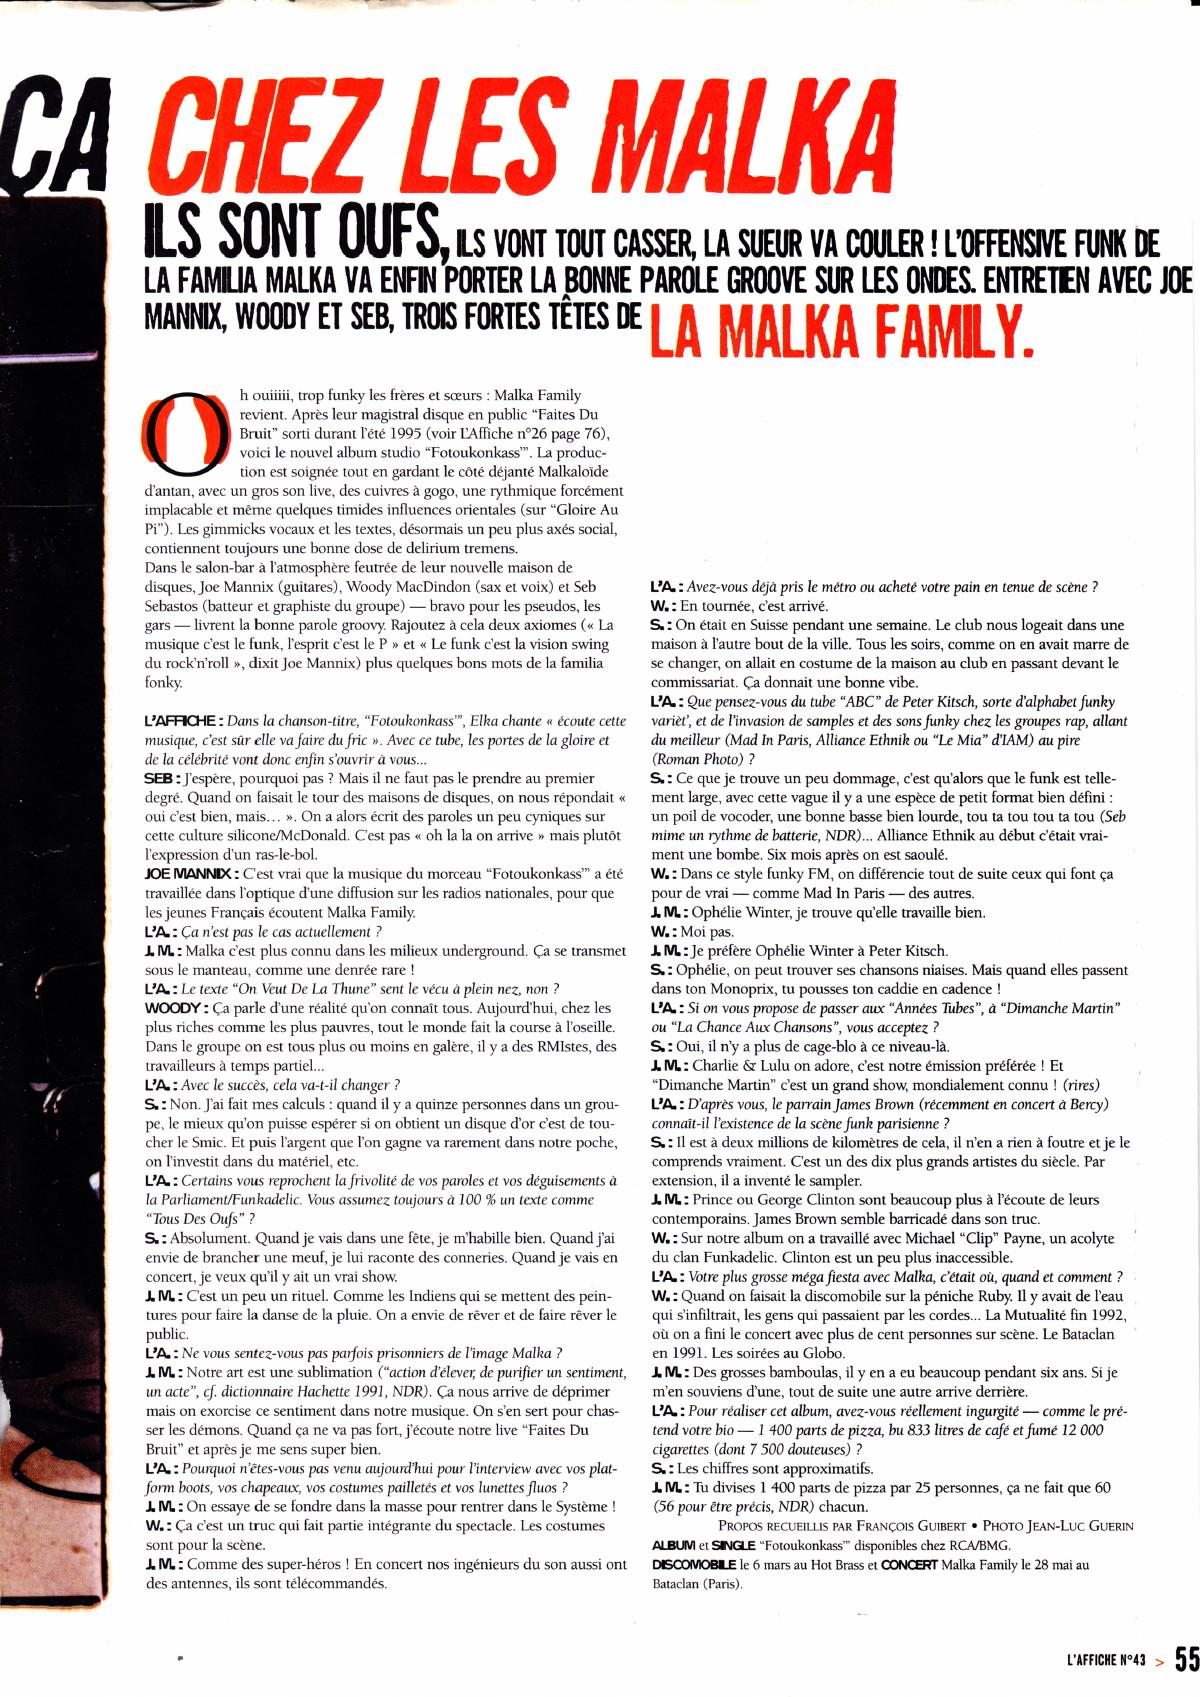 """MALKA FAMILY : """"Ça se passe comme ça chez les Malka"""" (""""L'Affiche"""", interview 1997, album """"Fotoukonkass"""") 15040809132617899513153138"""